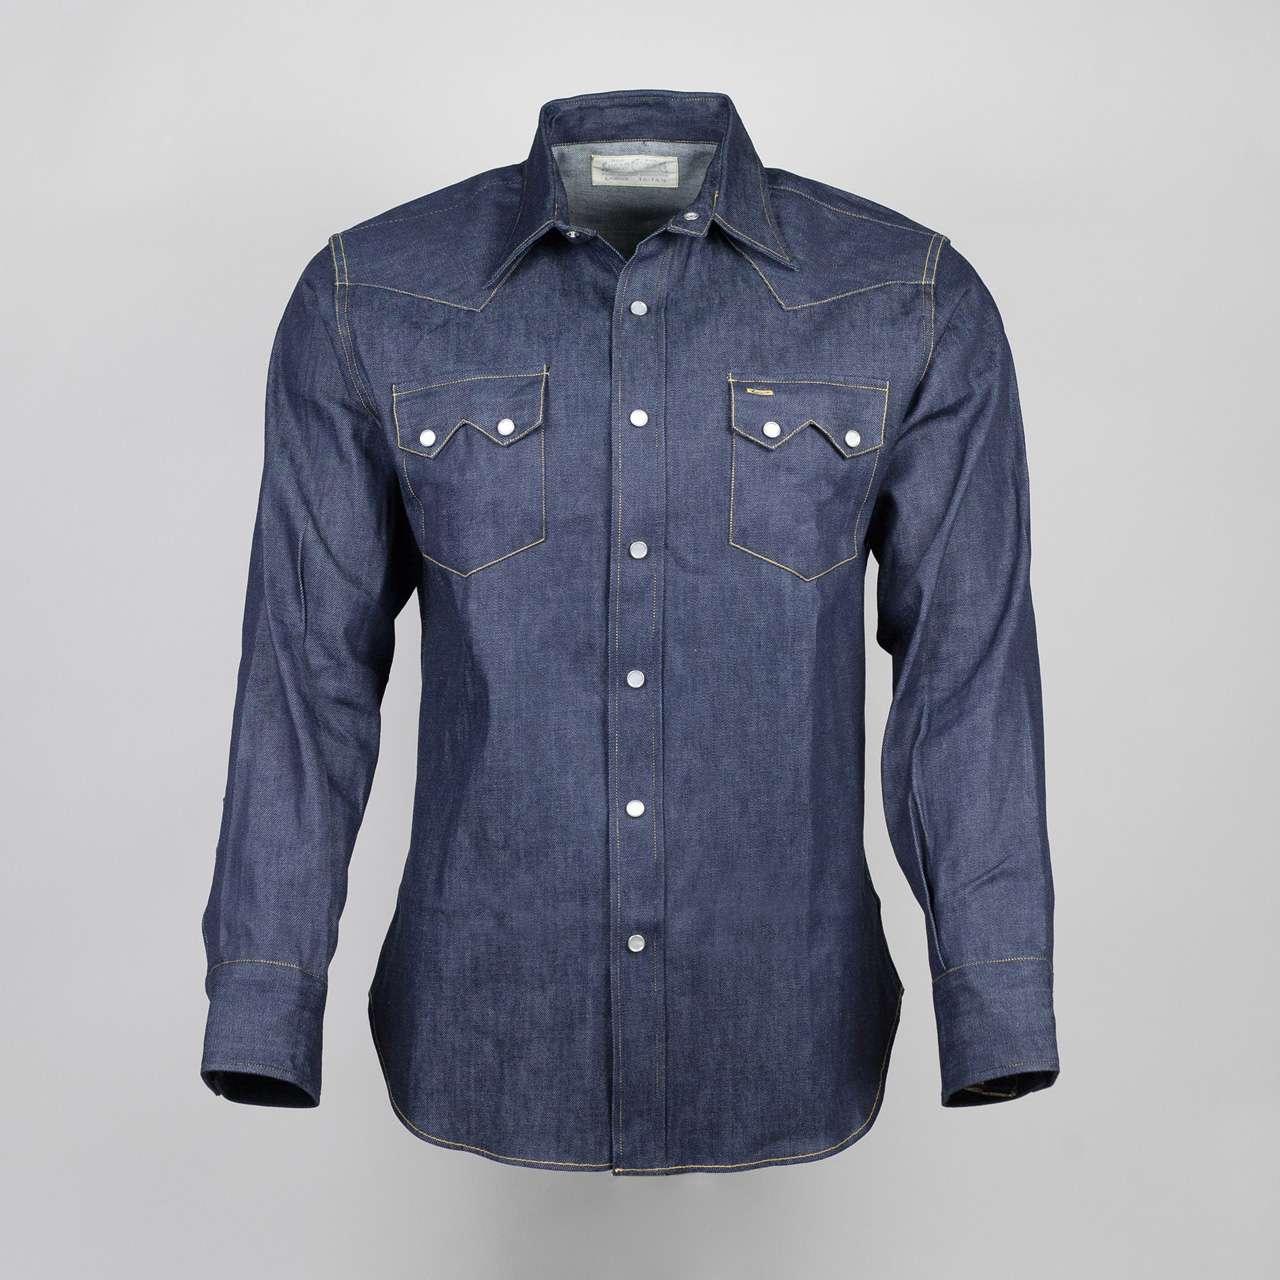 32c25697055 Sugar Cane Western Shirt 8z Denim